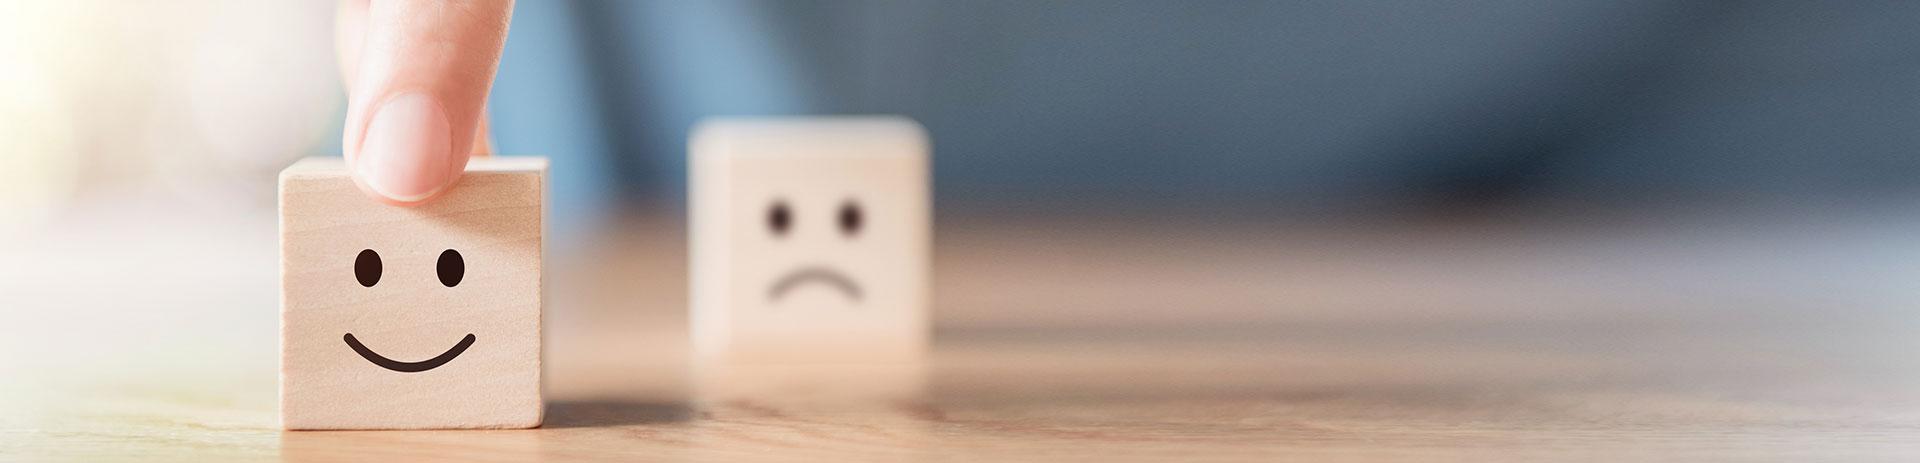 Wählen zwischen einem Smiley-Gesicht & unscharfen bedrückten Gesichtssymbol auf Holz Würfel